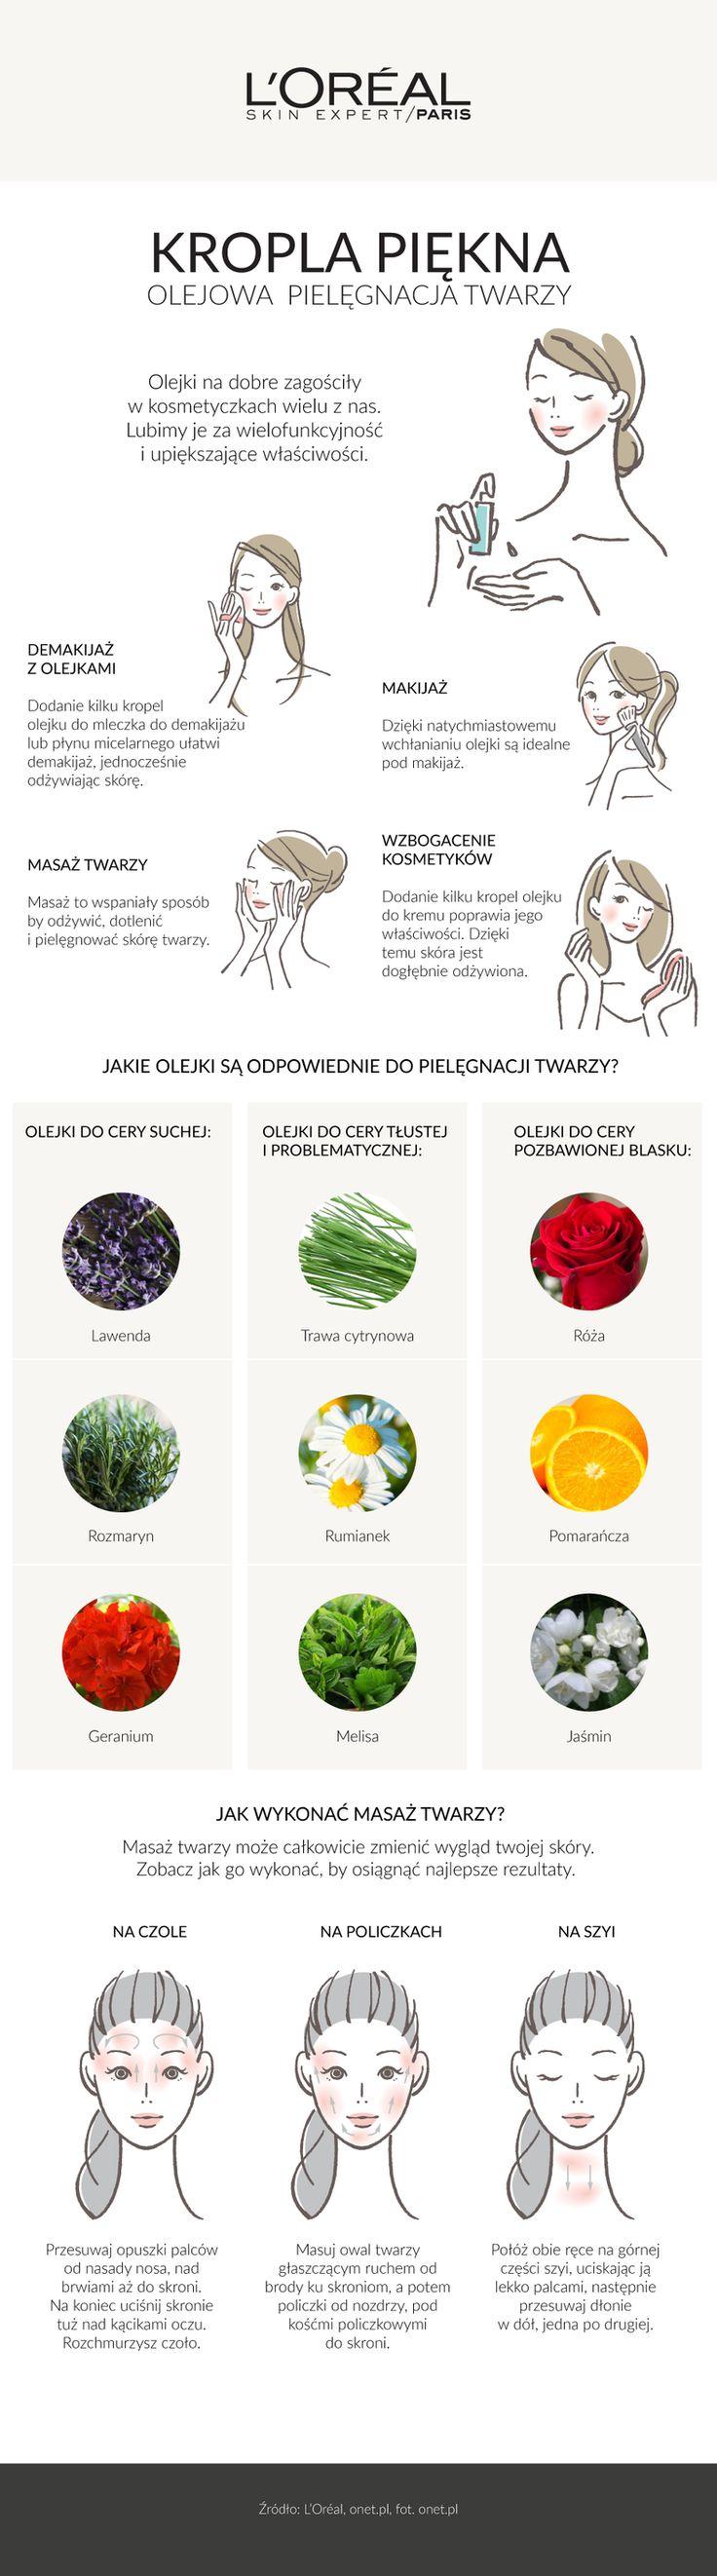 Oleje i masaż twarzy